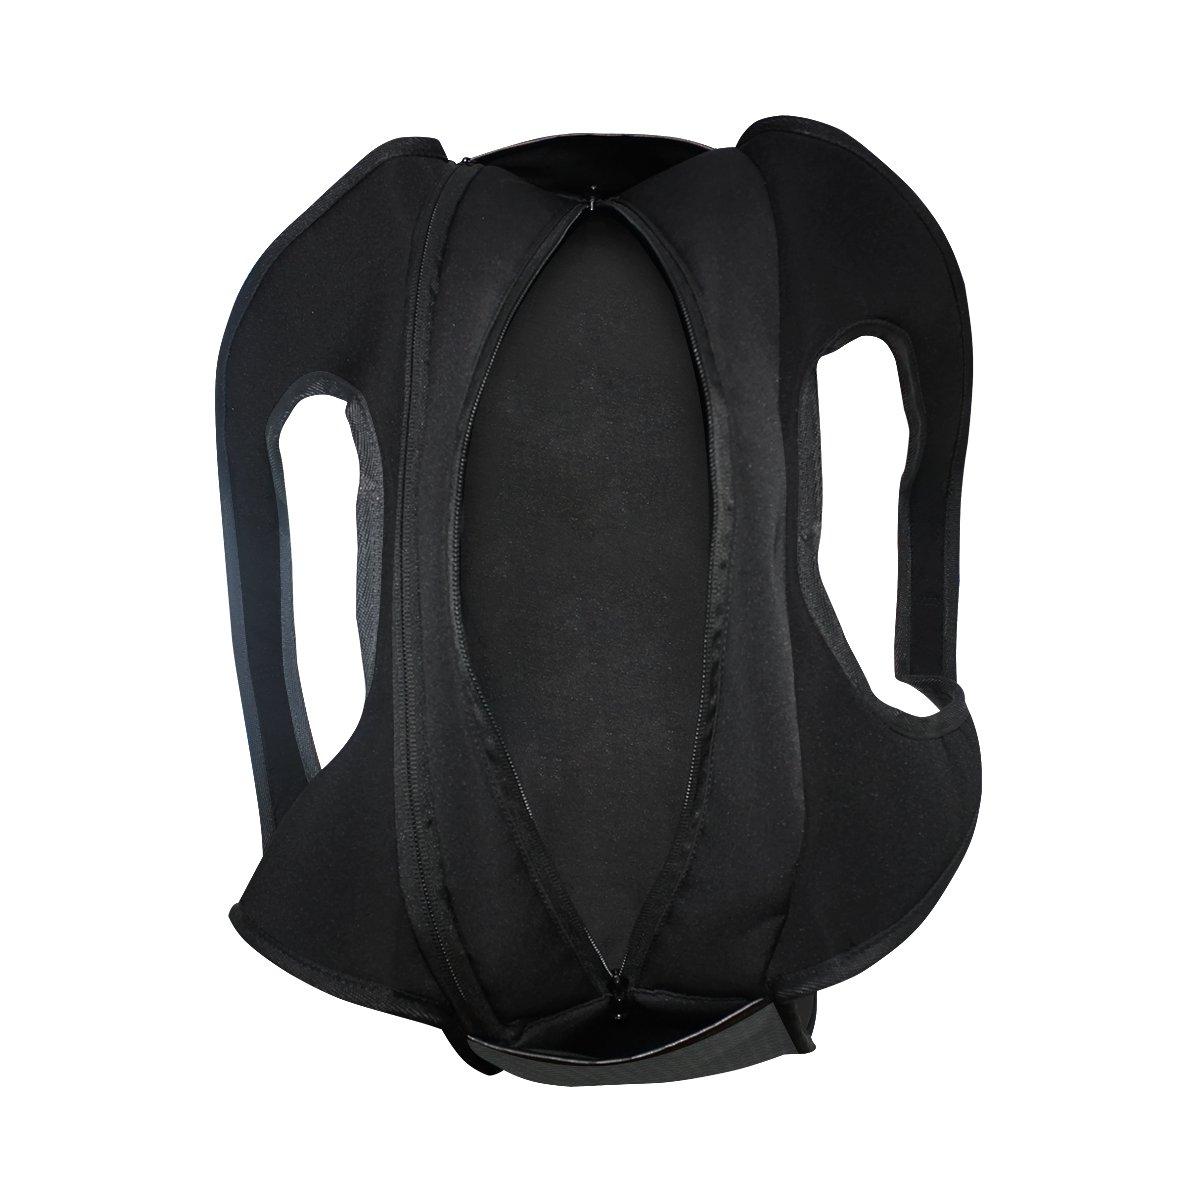 Gym Bag Sports Holdall Dots Canvas Shoulder Bag Overnight Travel Bag for Men and Women